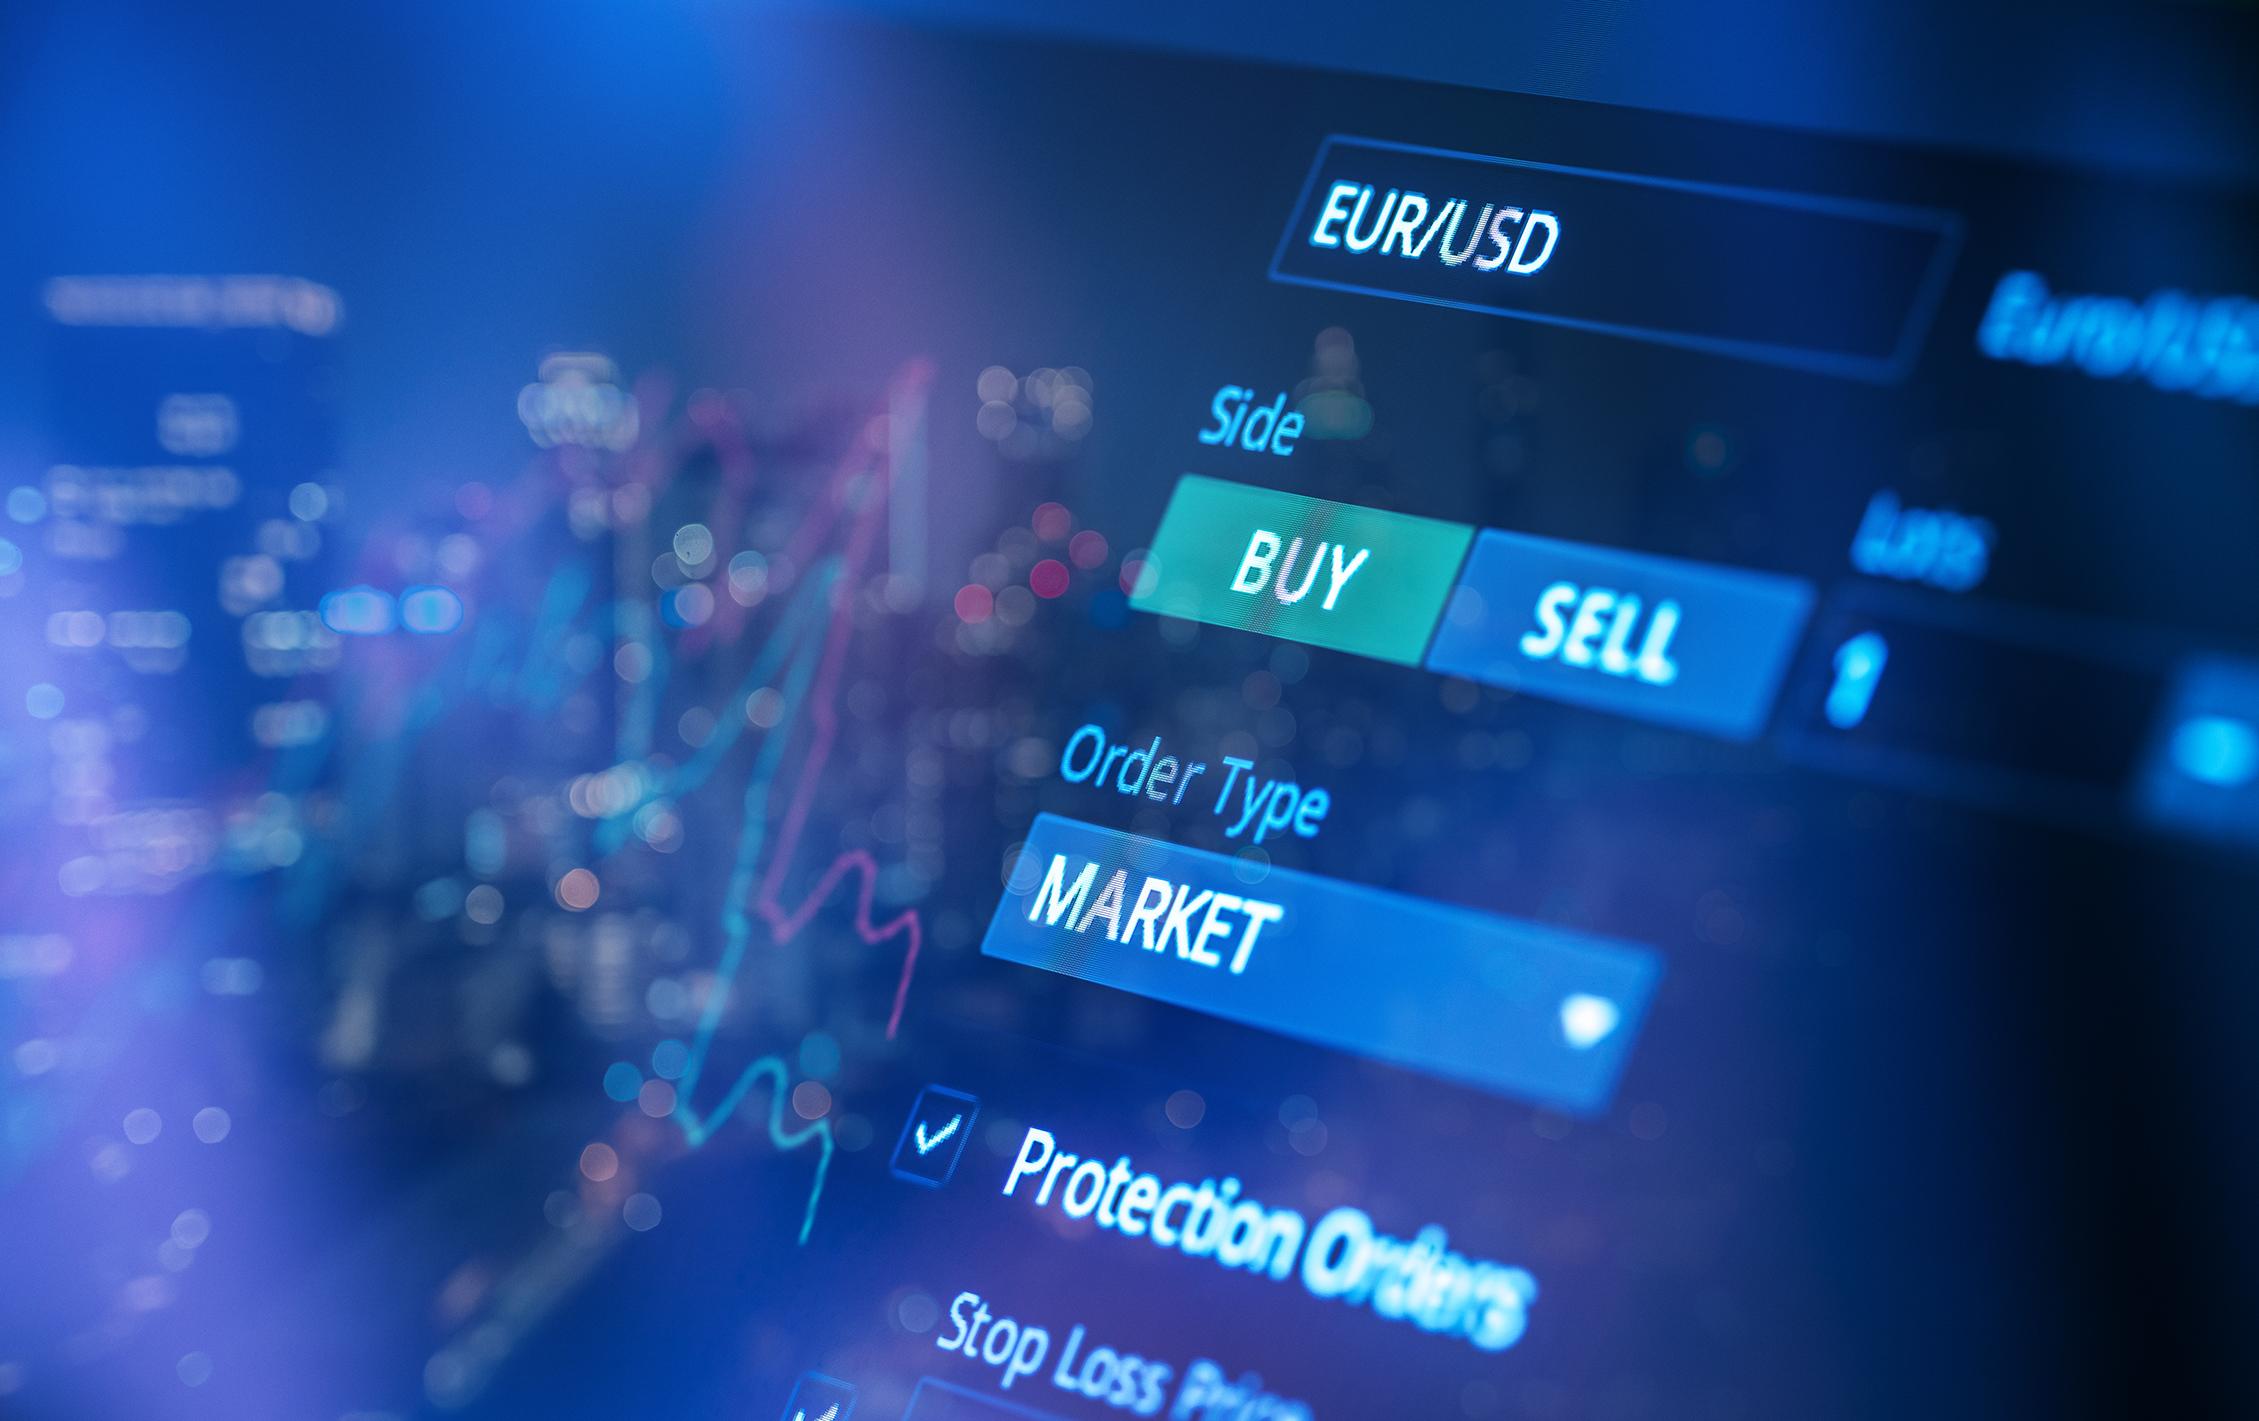 ¿Cómo hacer una orden de mercado?